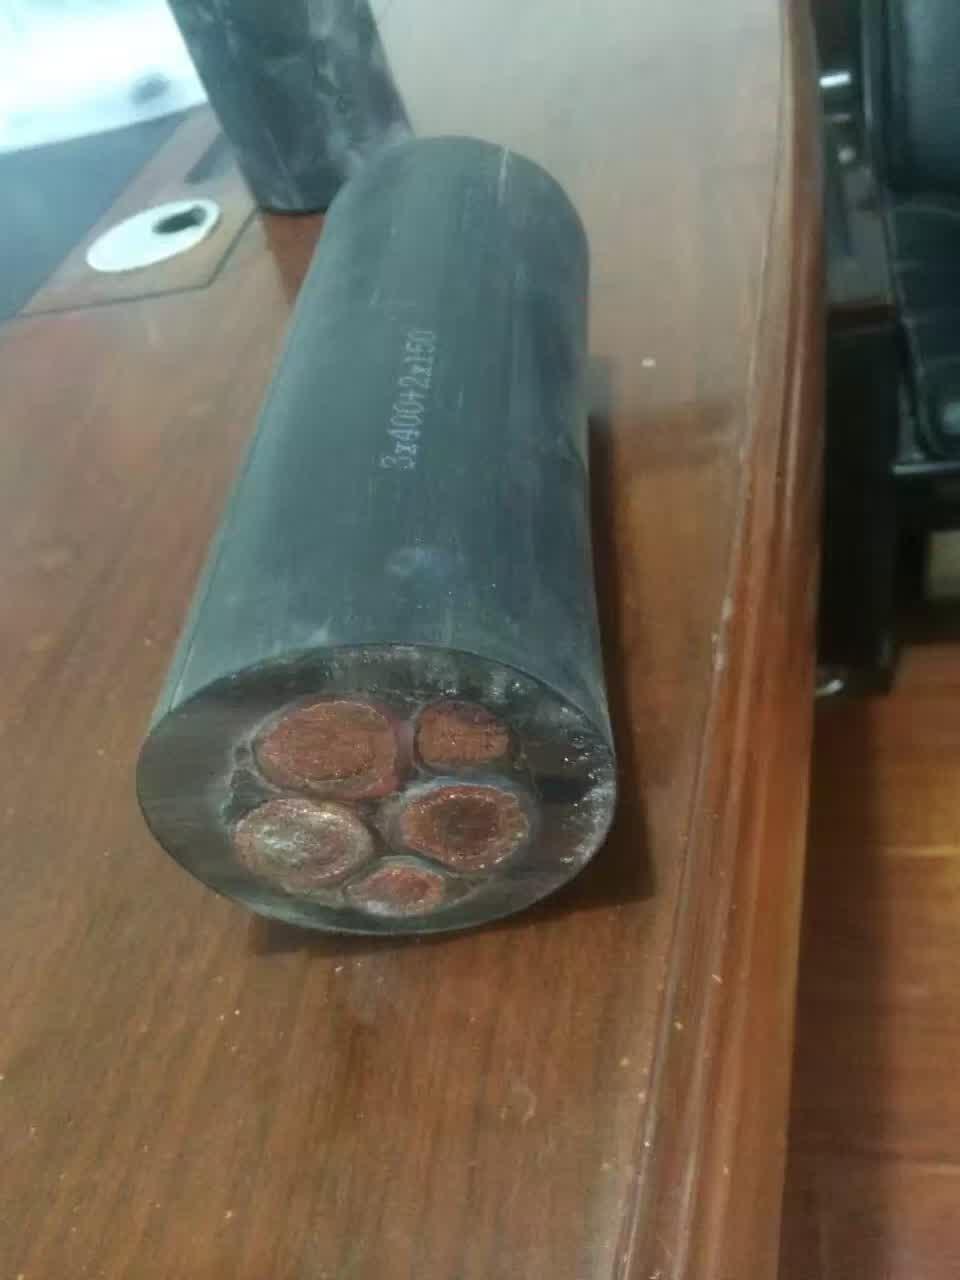 来自刘交飞发布的供应信息:铝合金电缆,高压电缆,电力电缆,橡套电缆... - 泰通线缆有限公司